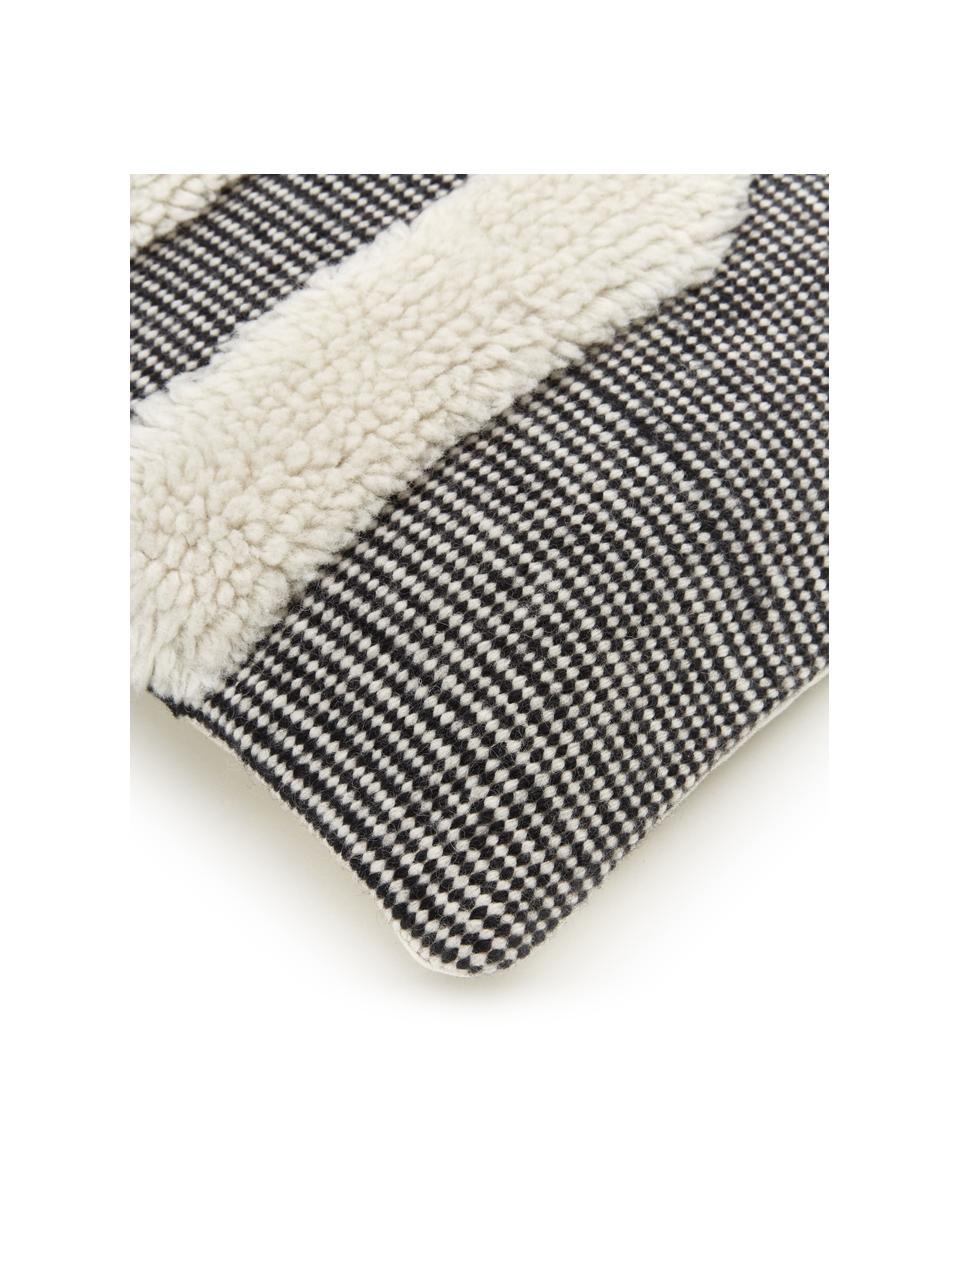 Handgewebte Kissenhülle Laine in Schwarz/Cremeweiß mit kuschligem Muster, Vorderseite: 90% Wolle, 10% Baumwolle, Rückseite: 100% Baumwolle, Schwarz, 45 x 45 cm